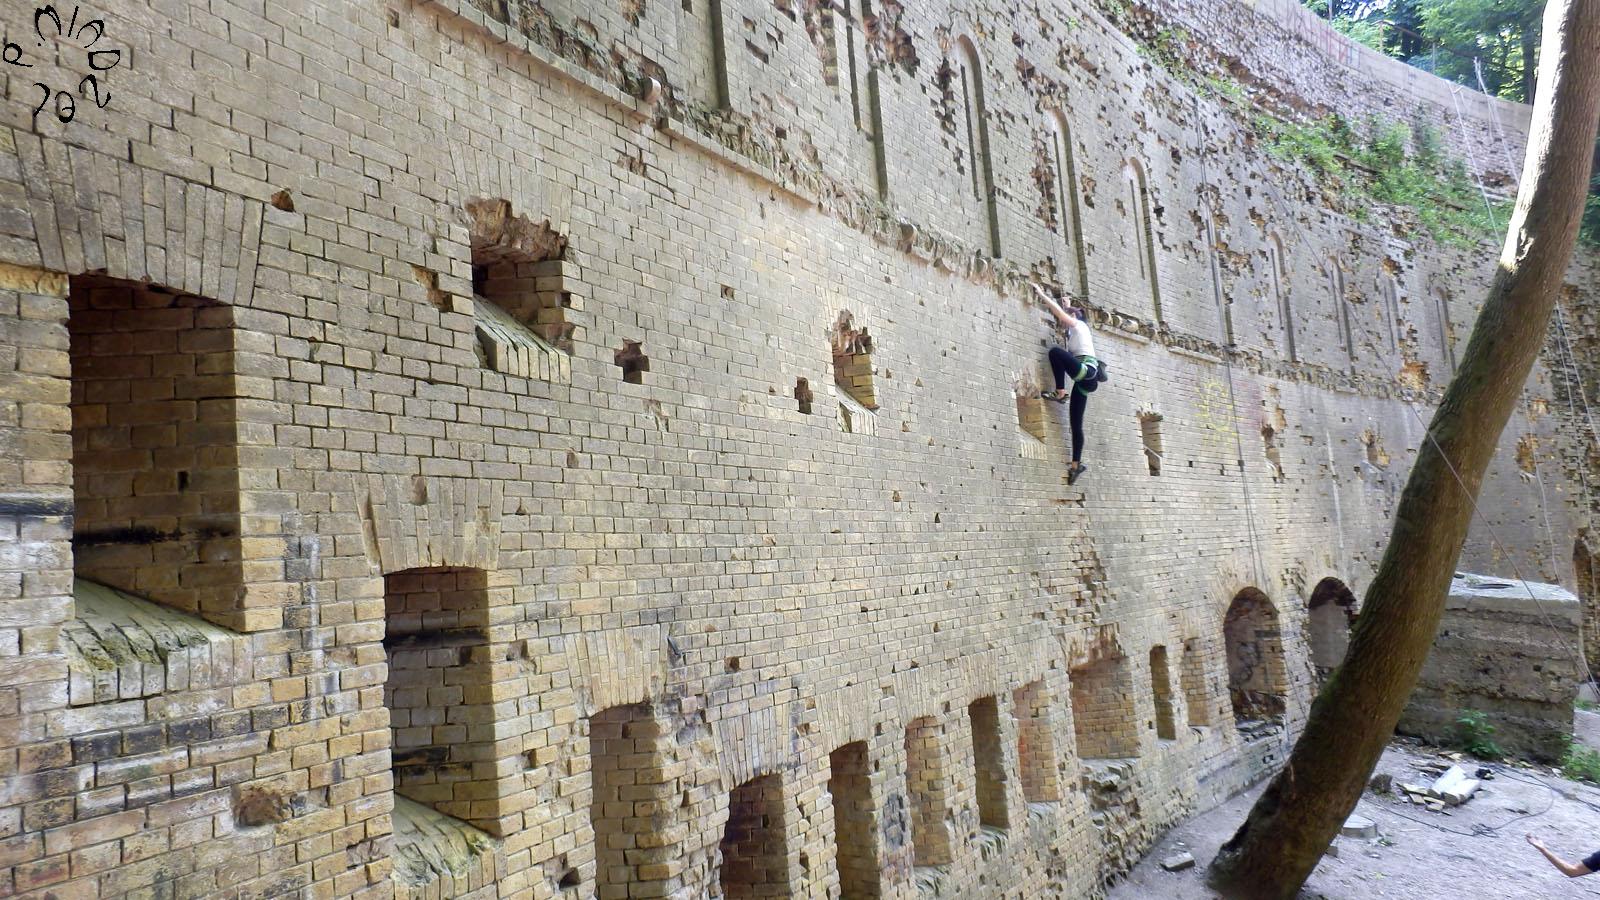 Die Festungsmauer in Kiew. Bildrechte: Pavlo Miadzel